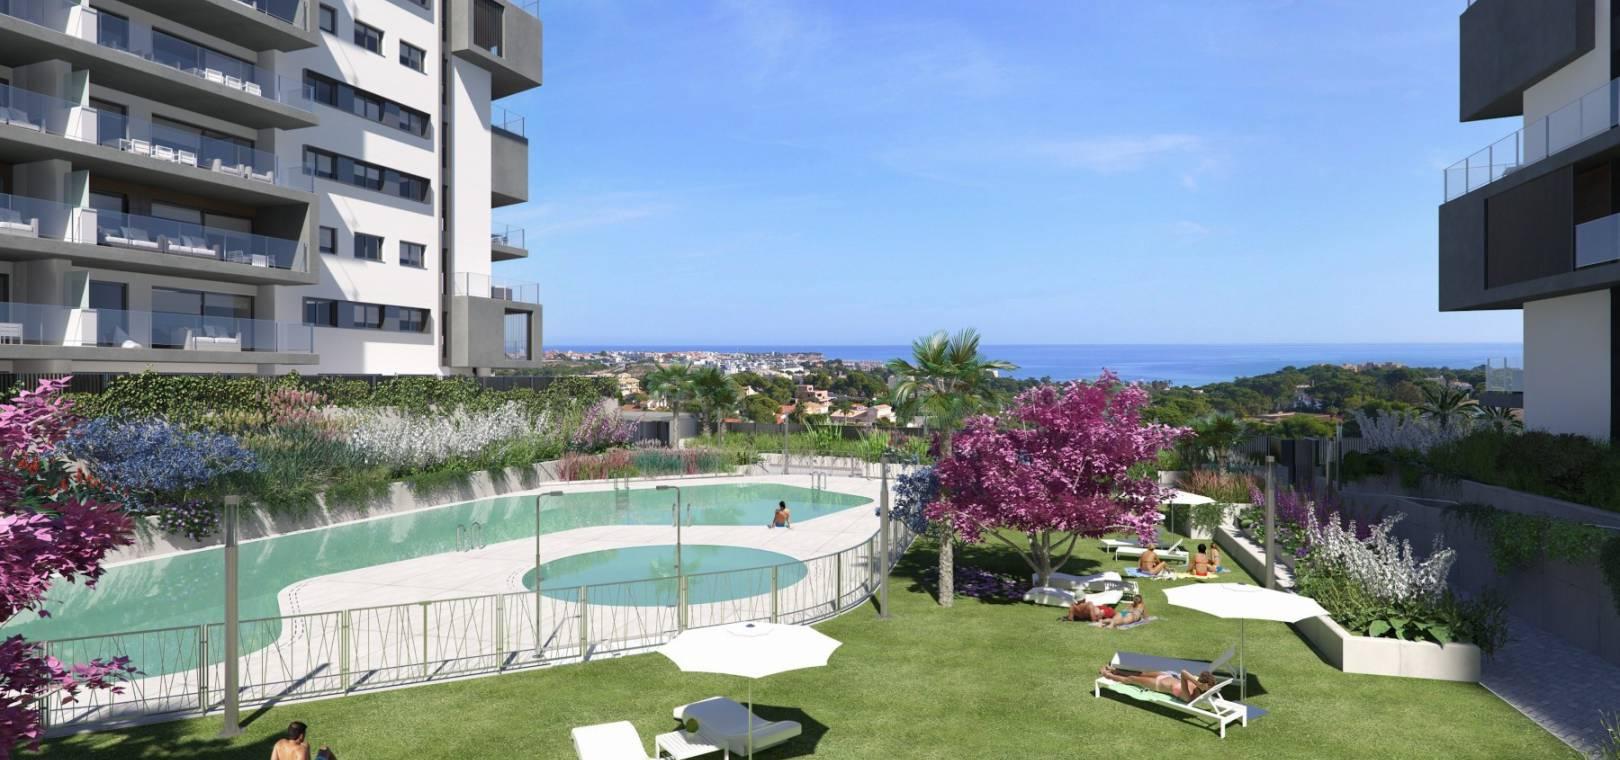 Residencial Sea Gardens Campoamor New Build Apartments